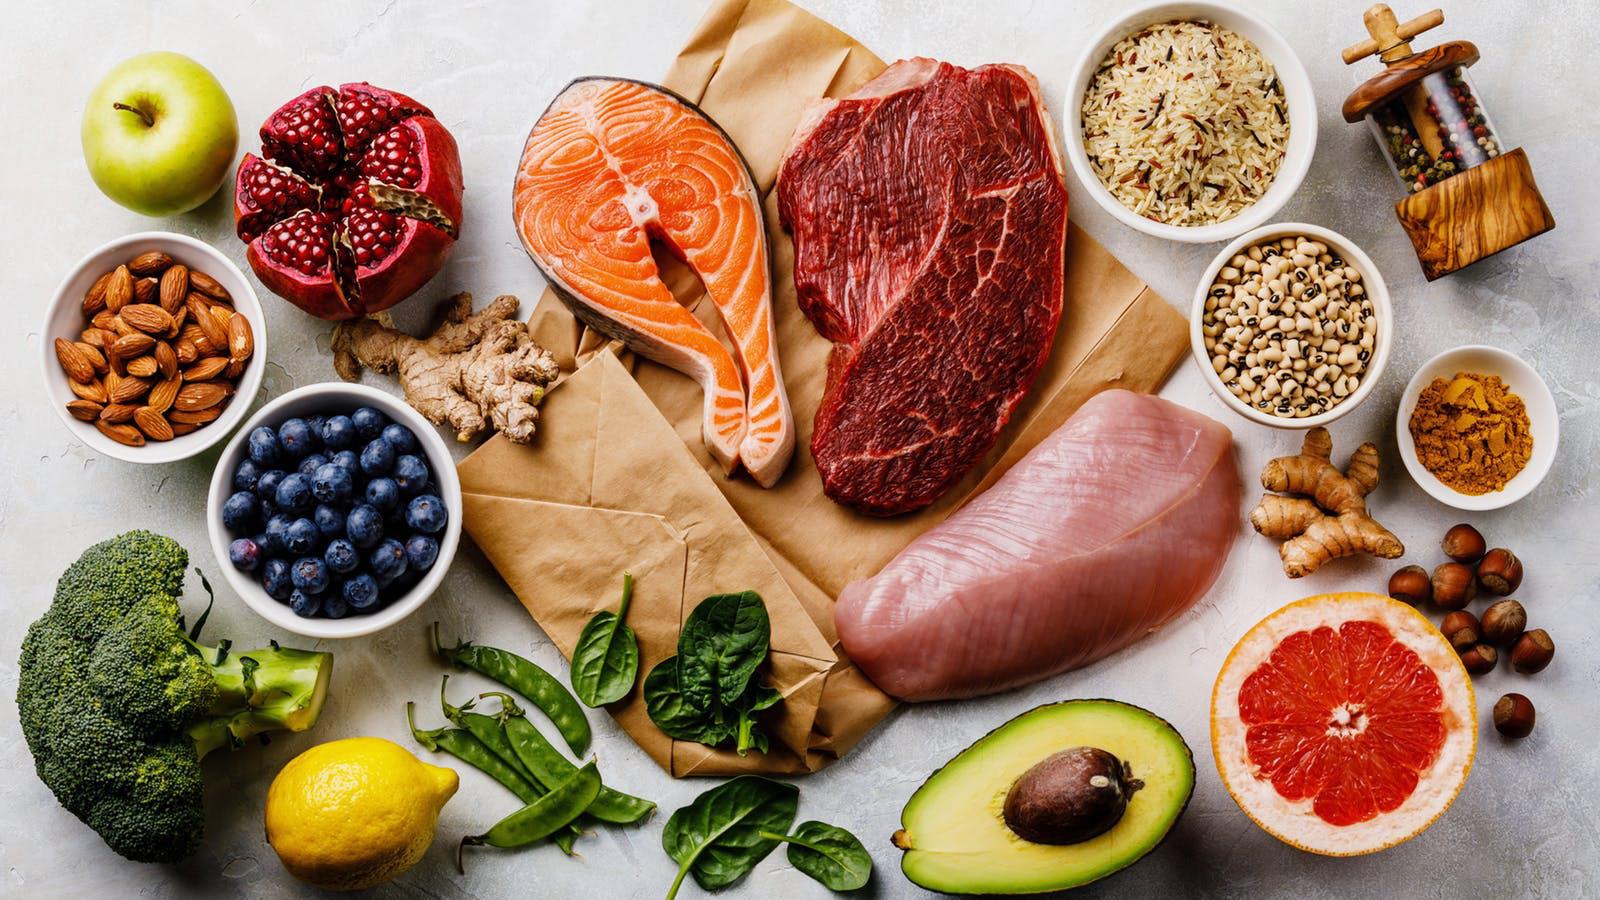 GS dinh dưỡng: 8 việc cốt lõi quyết định sức khỏe đời người, tiếc rằng nhiều người bỏ qua-3